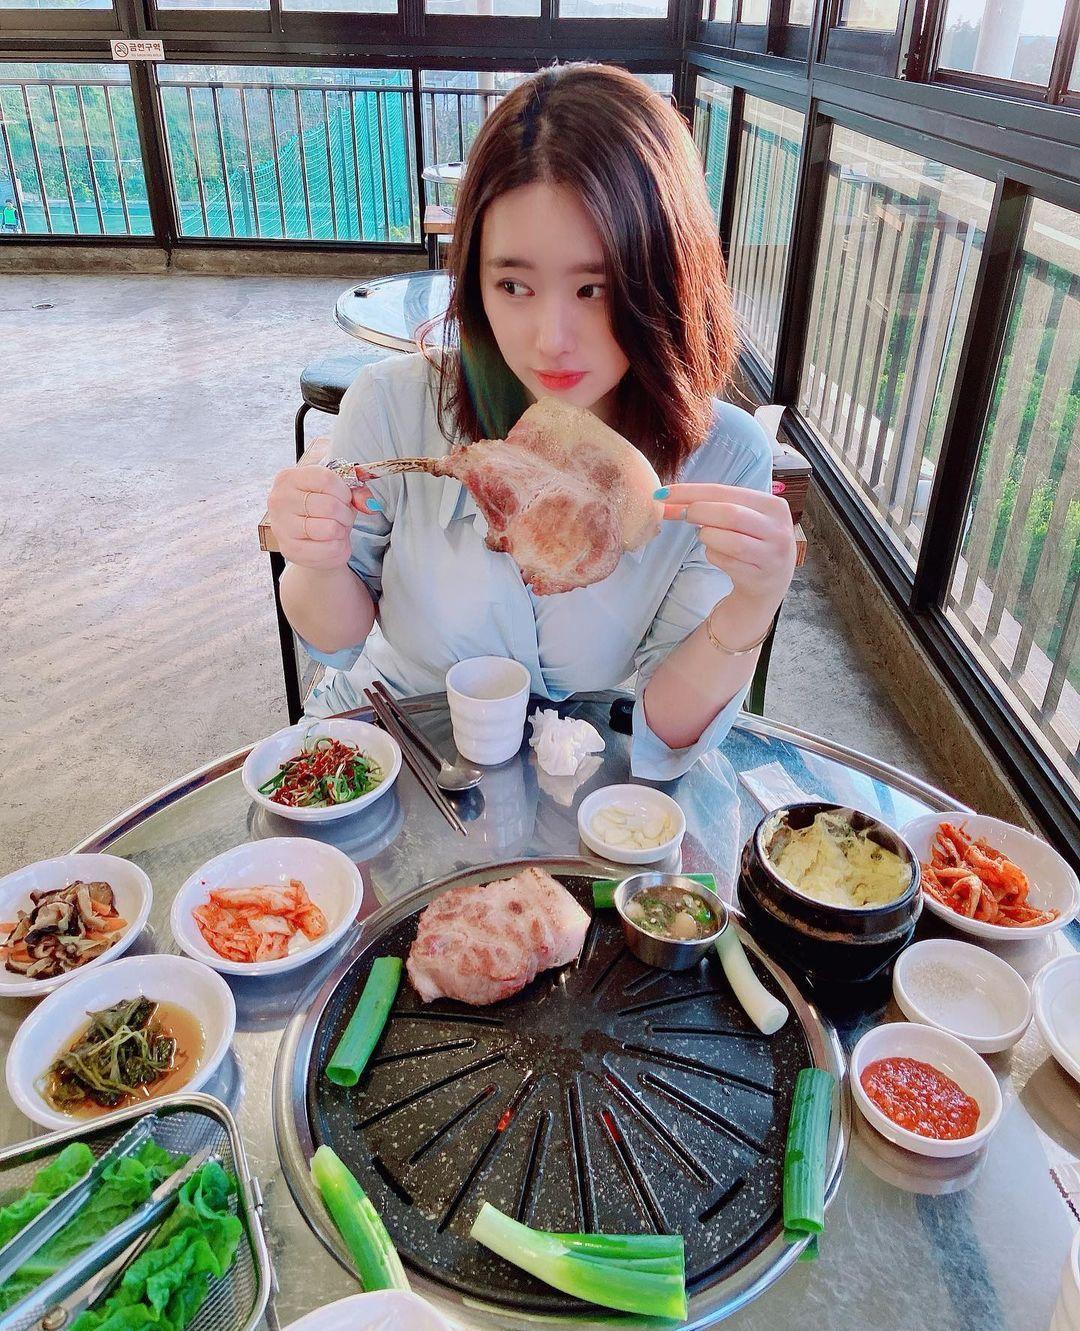 韩国成熟御姊「Bitnara」性感出浴照,真实年龄和外表超反差插图1